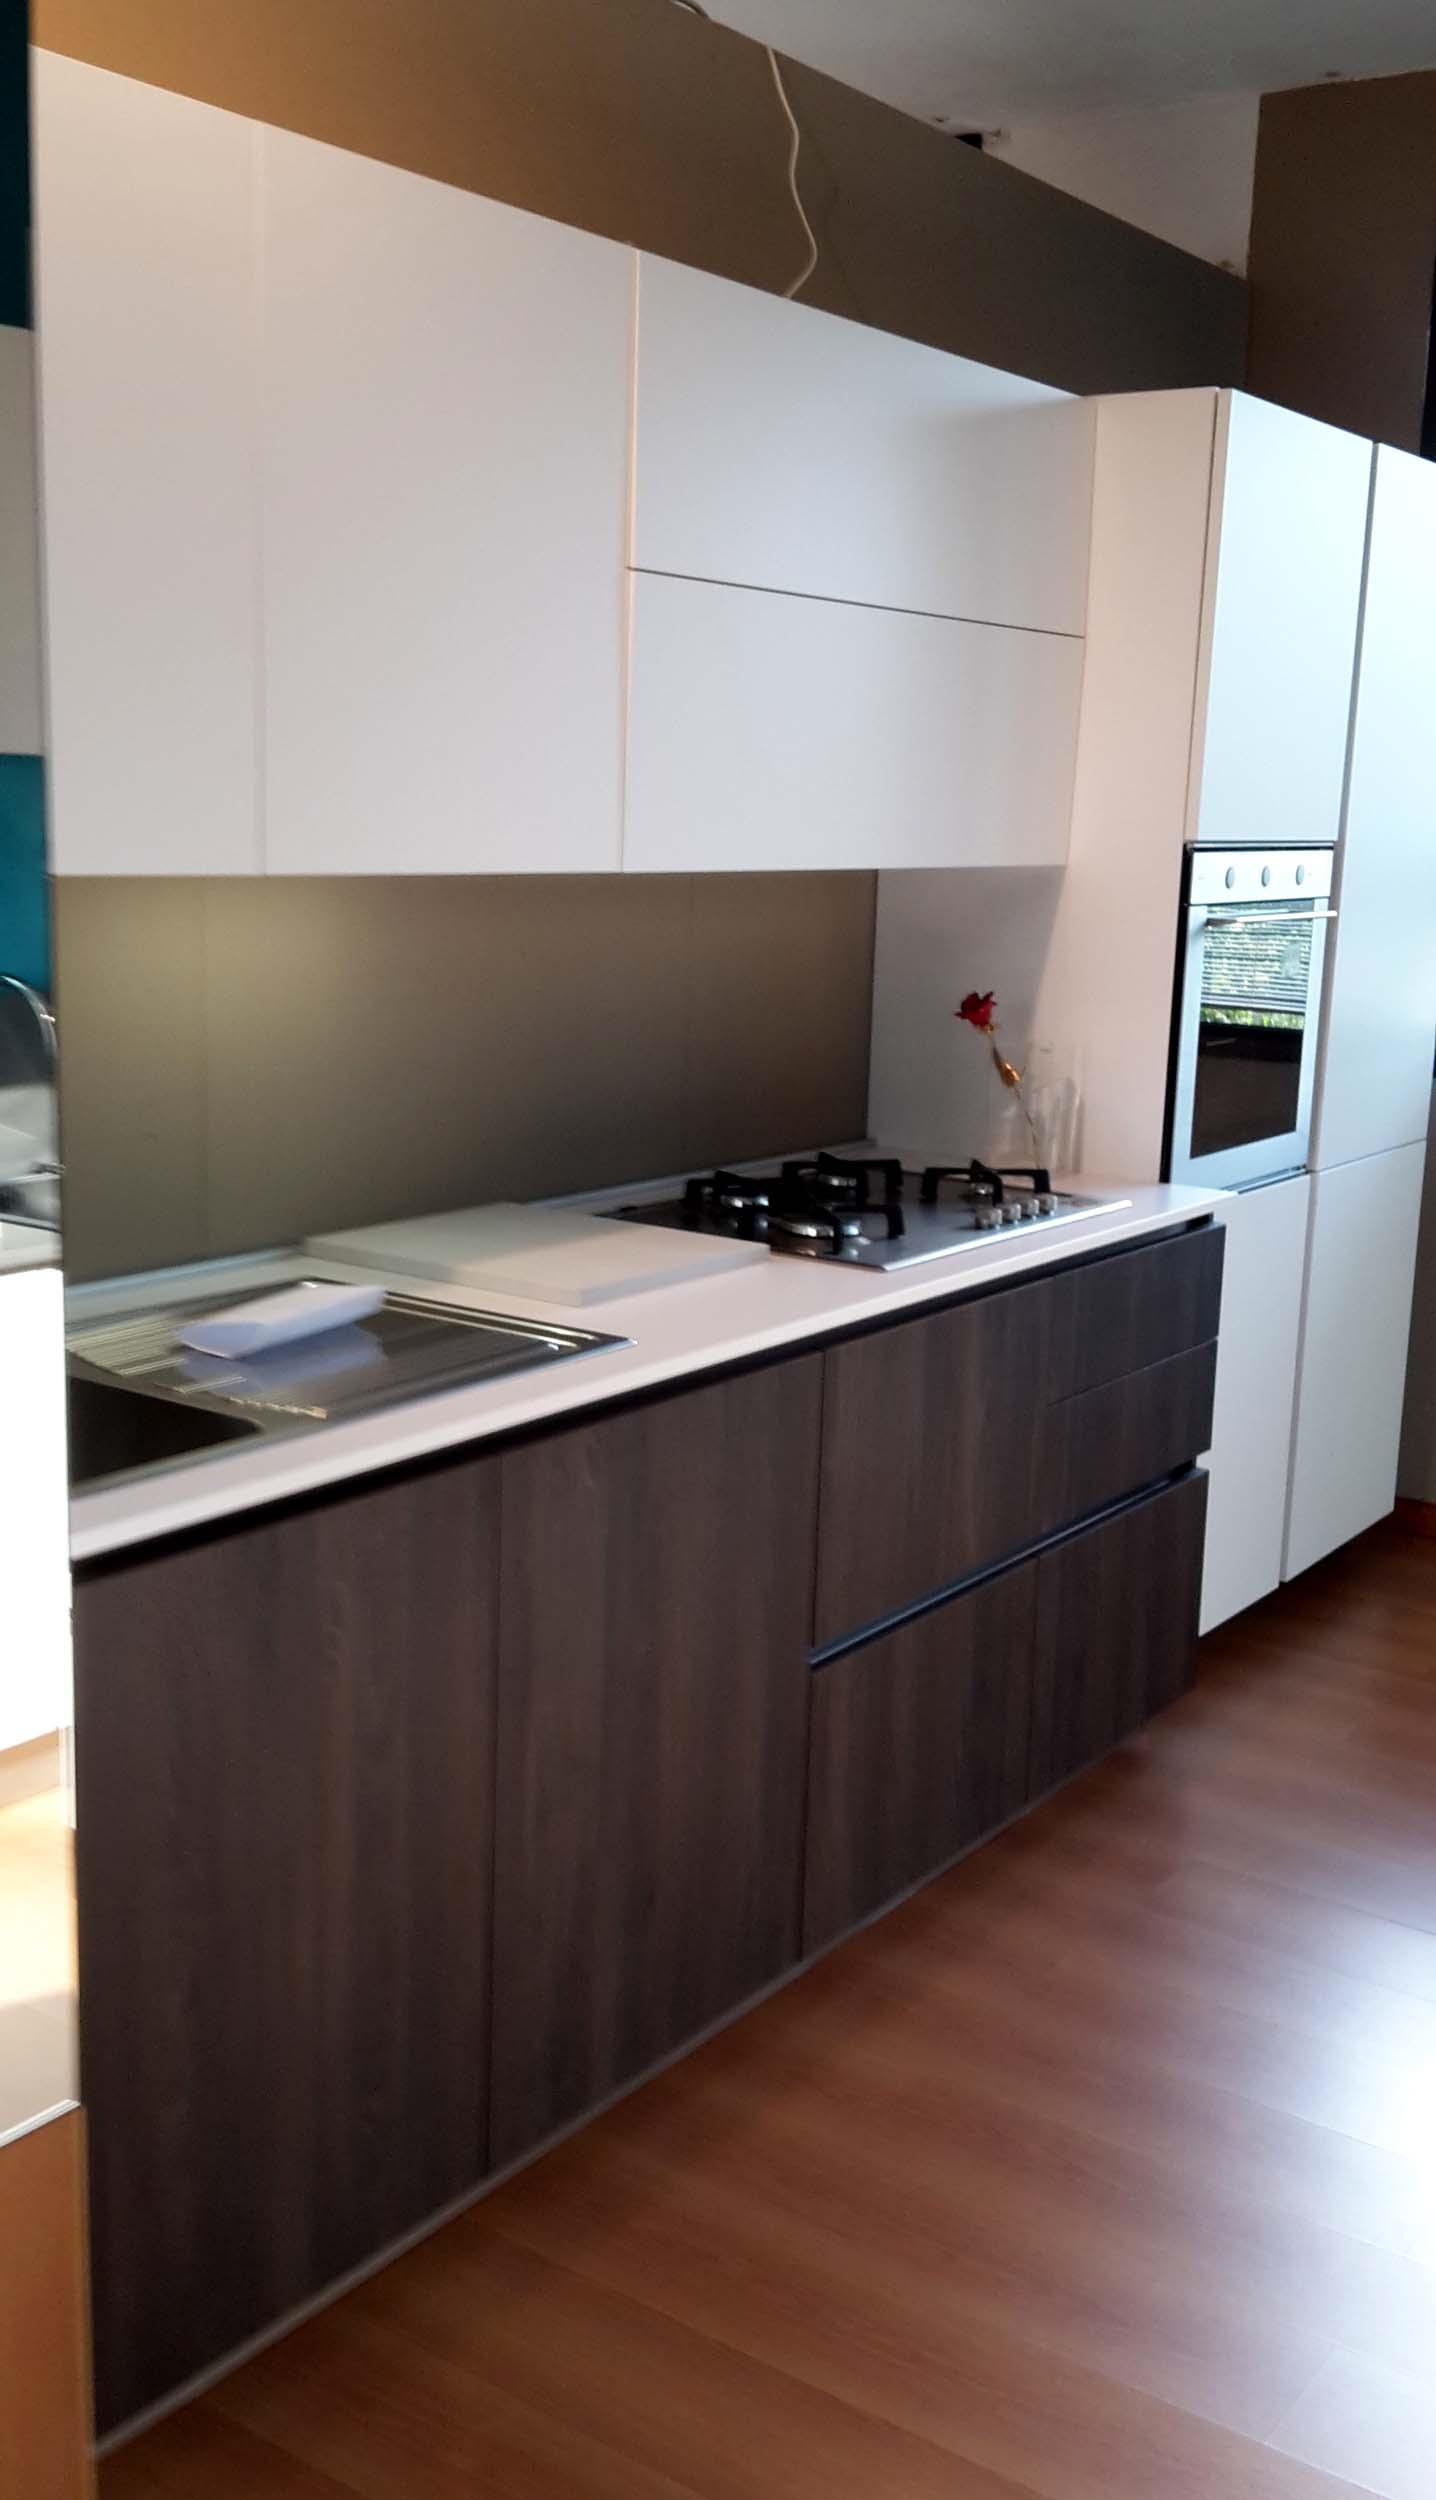 Cucina Arrital Cucine Ak02 Cucine A Prezzi Scontati #2A4F5D 1436 2500 Veneta Cucine O Arrital